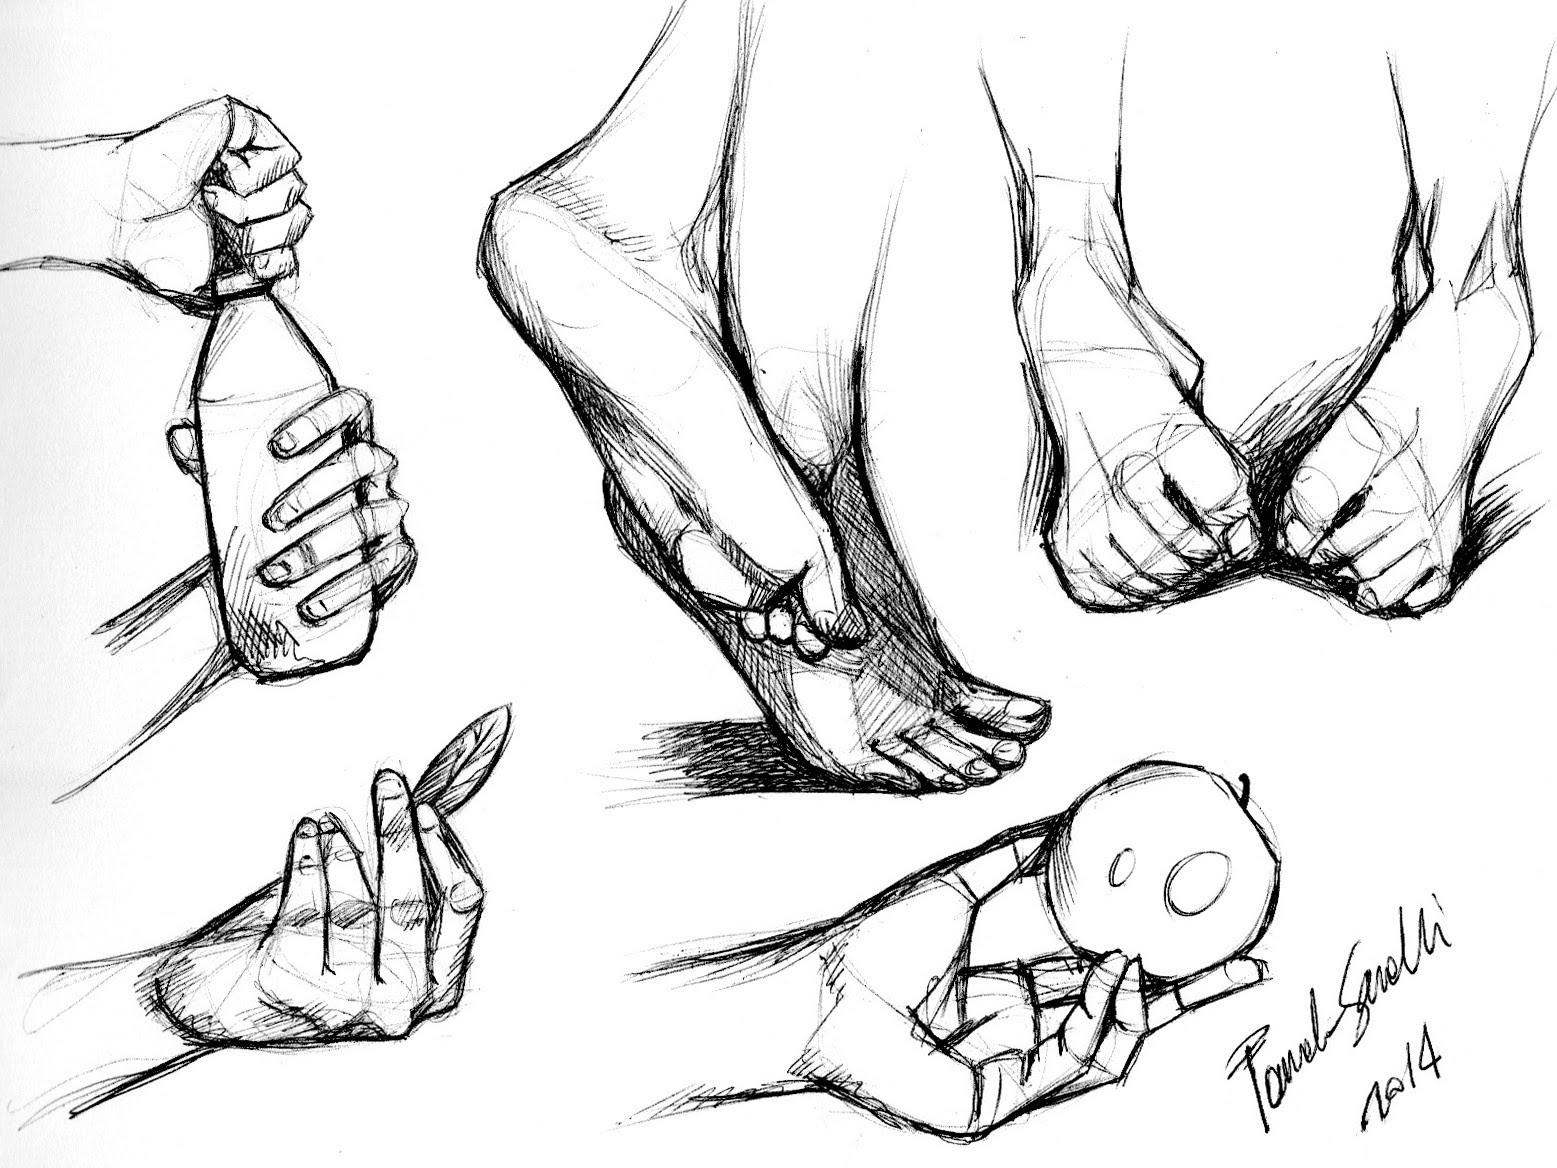 1557x1168 Disegni Speed Di Mani E Piedi, Con Penna Biro. Sketch Drawing